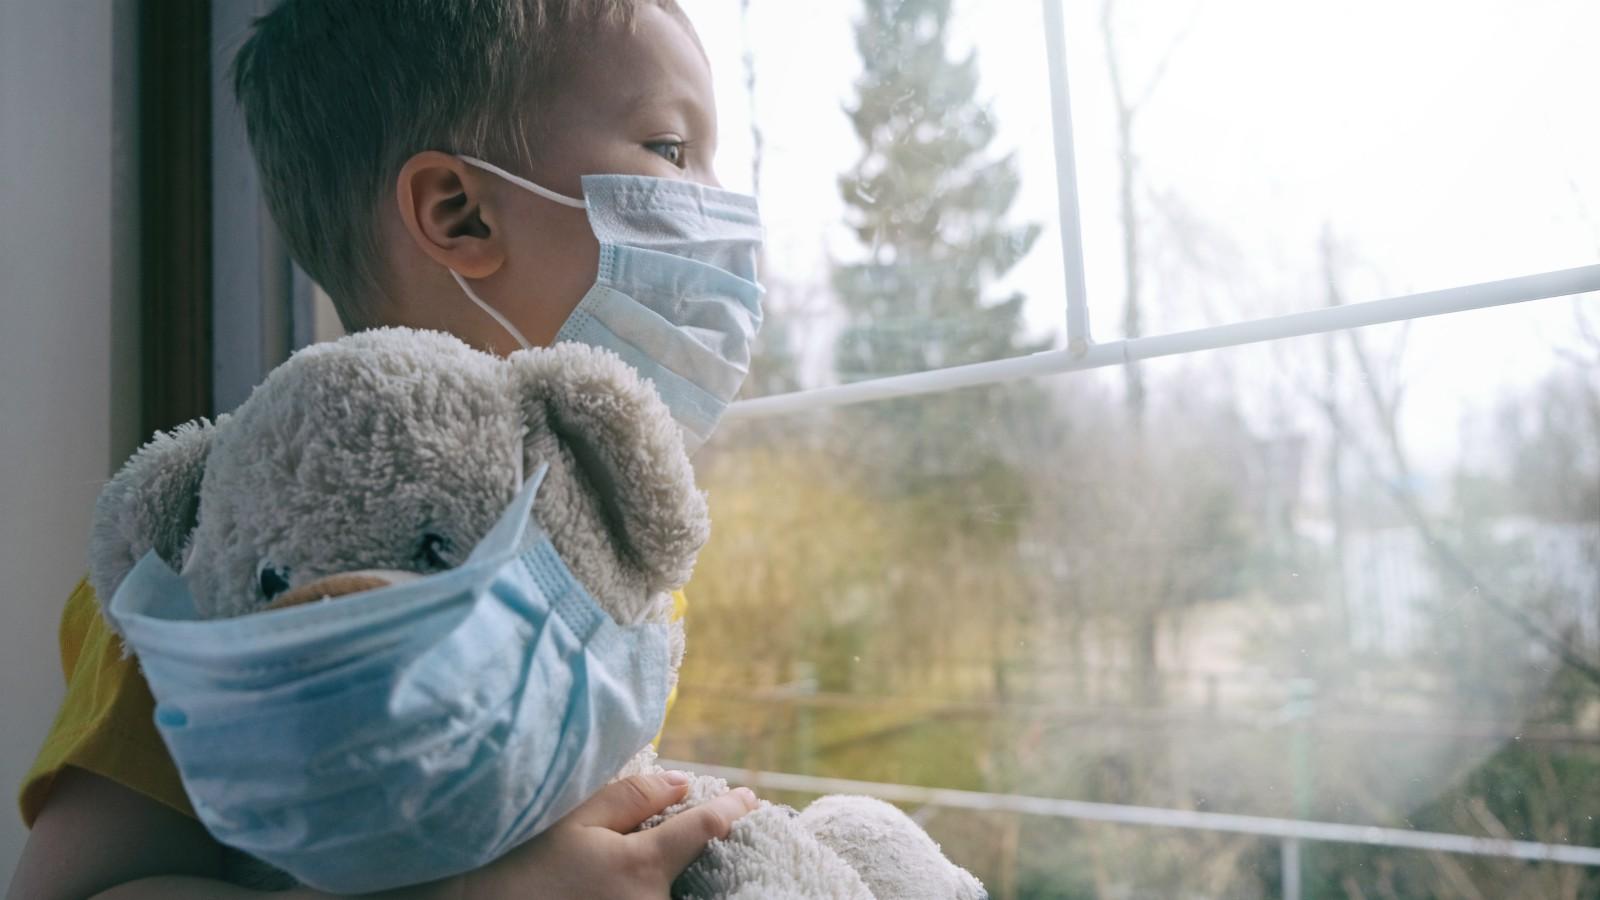 Raffreddore e malanni: come comportarsi con i bambini quest'anno?